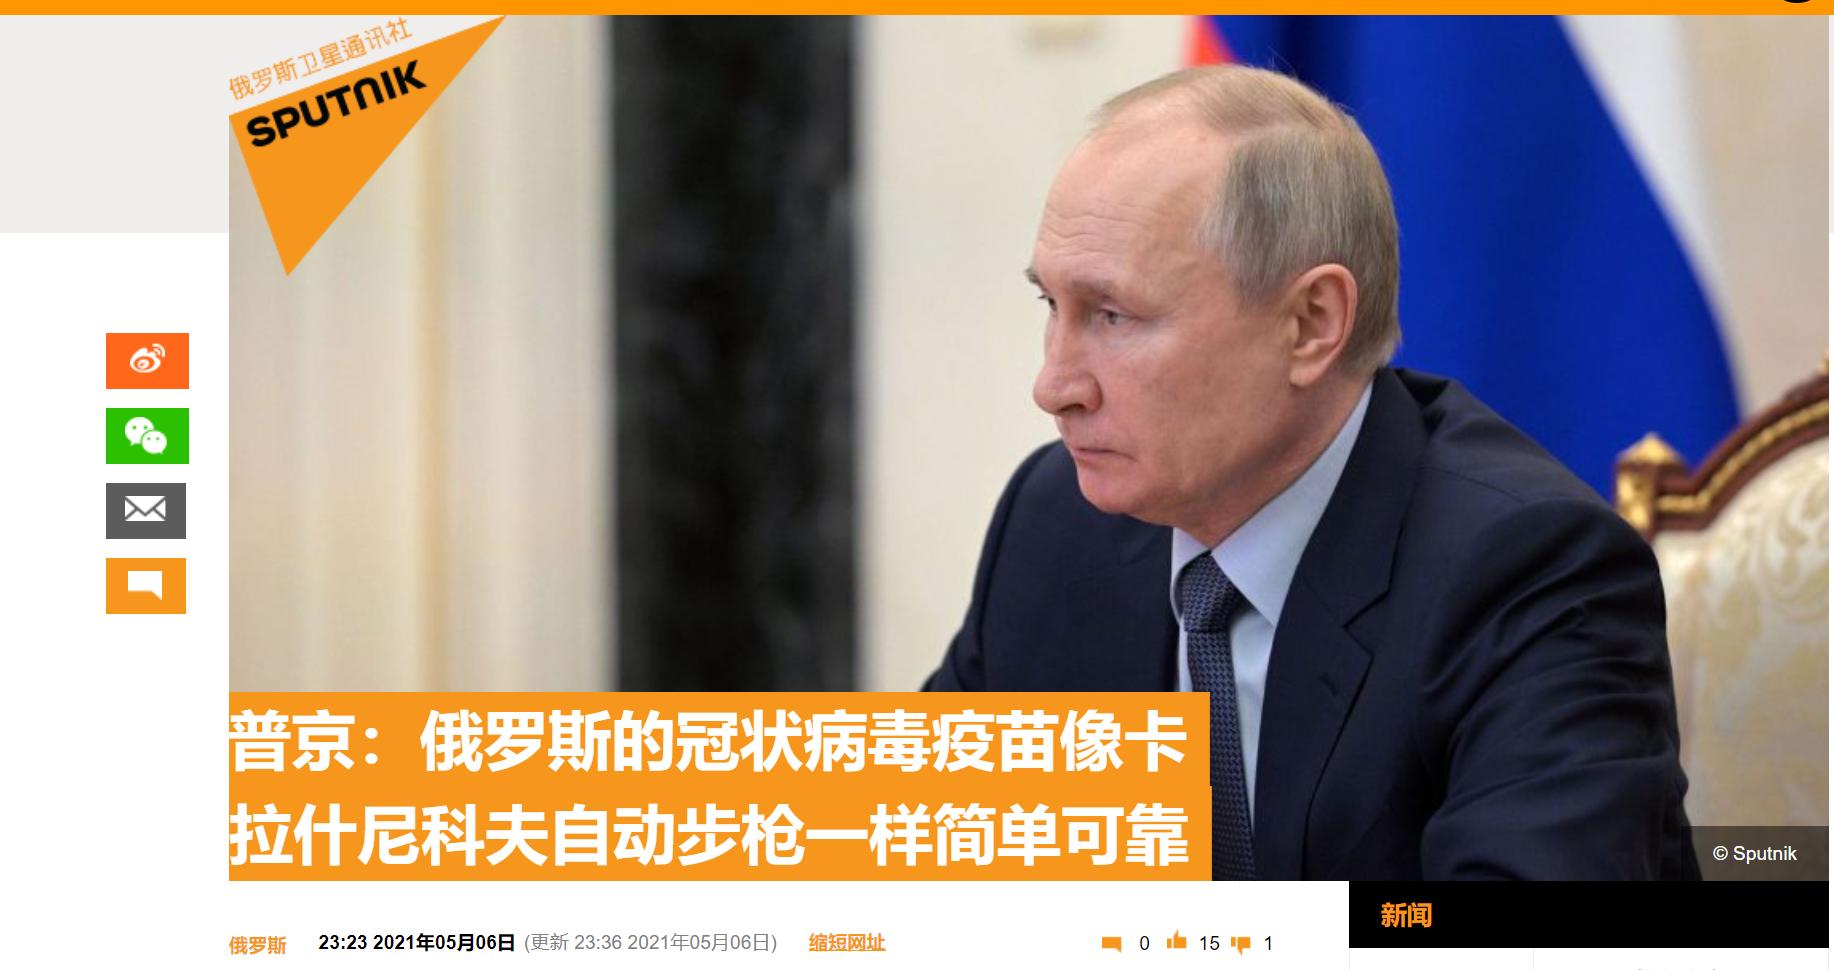 普京:欧洲专家说,俄罗斯新冠疫苗像AK步枪一样简单可靠